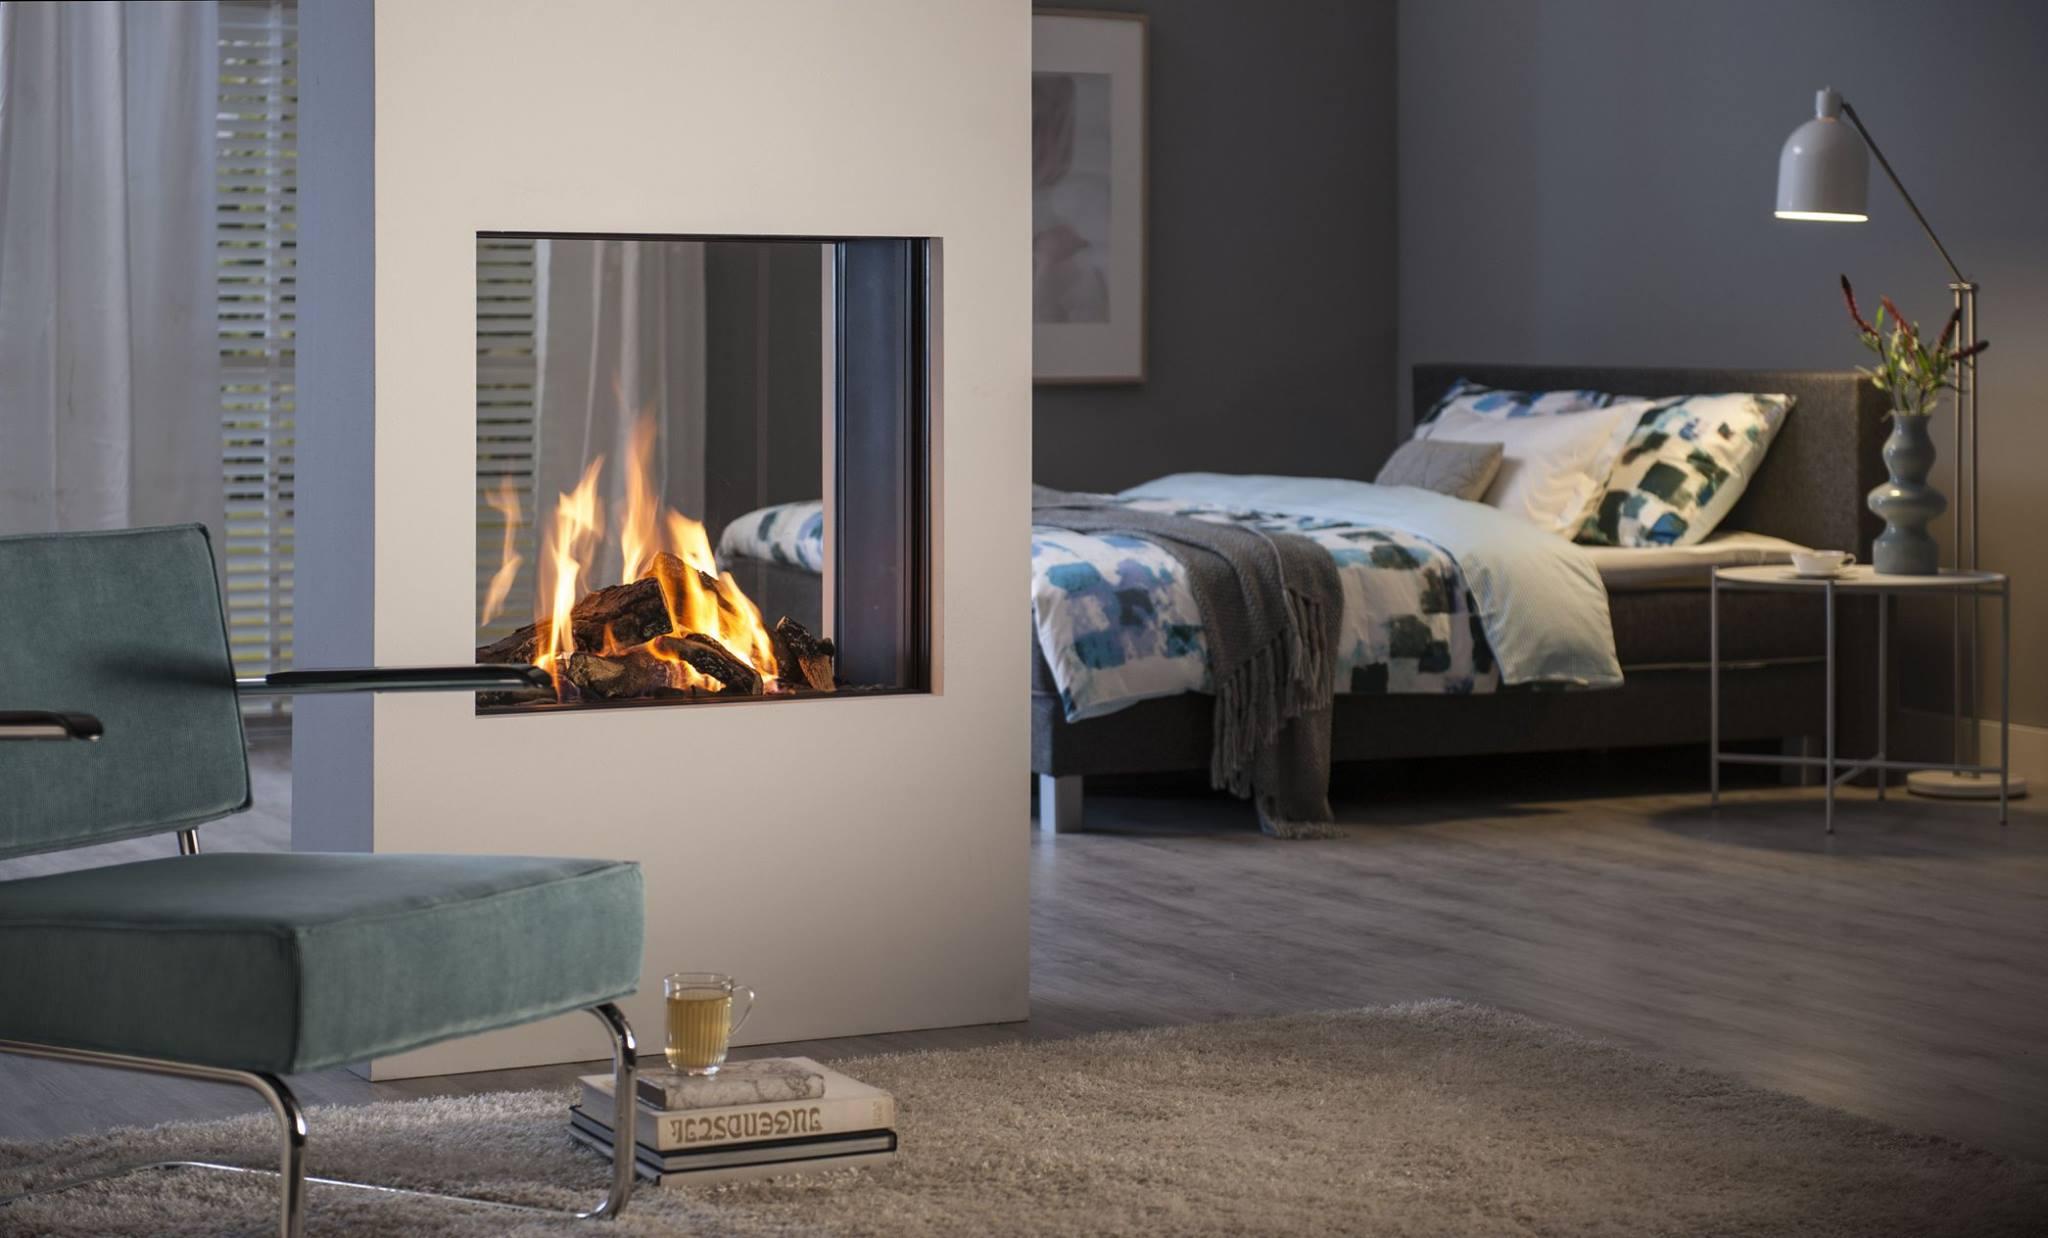 fraaie nieuwe i frame gashaarden van helex nieuws startpagina voor haarden en kachels idee n. Black Bedroom Furniture Sets. Home Design Ideas